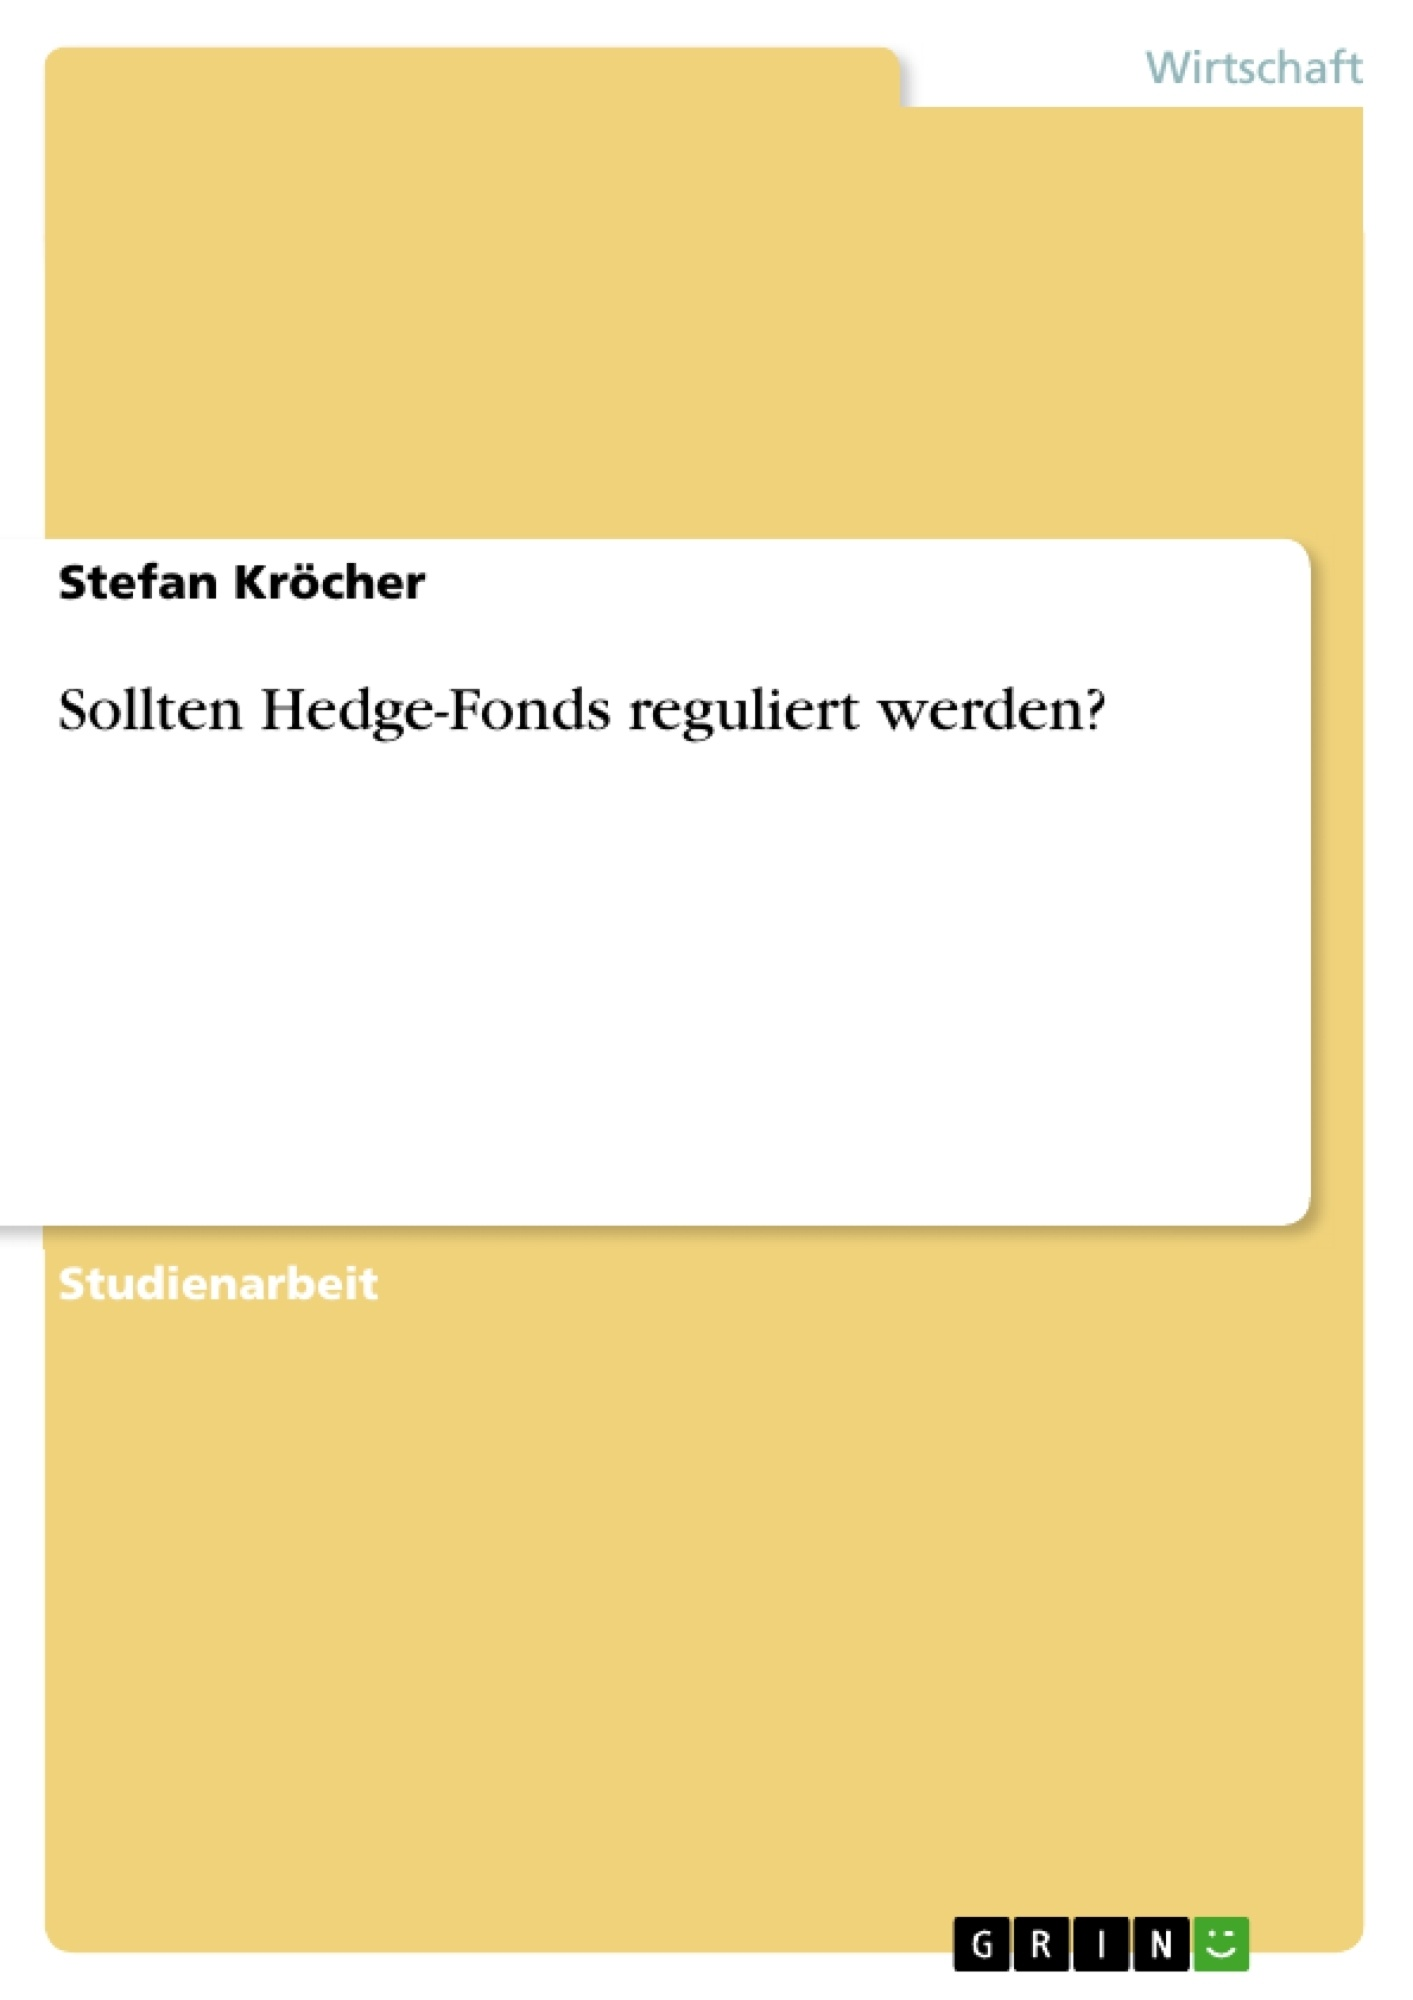 Titel: Sollten Hedge-Fonds reguliert werden?